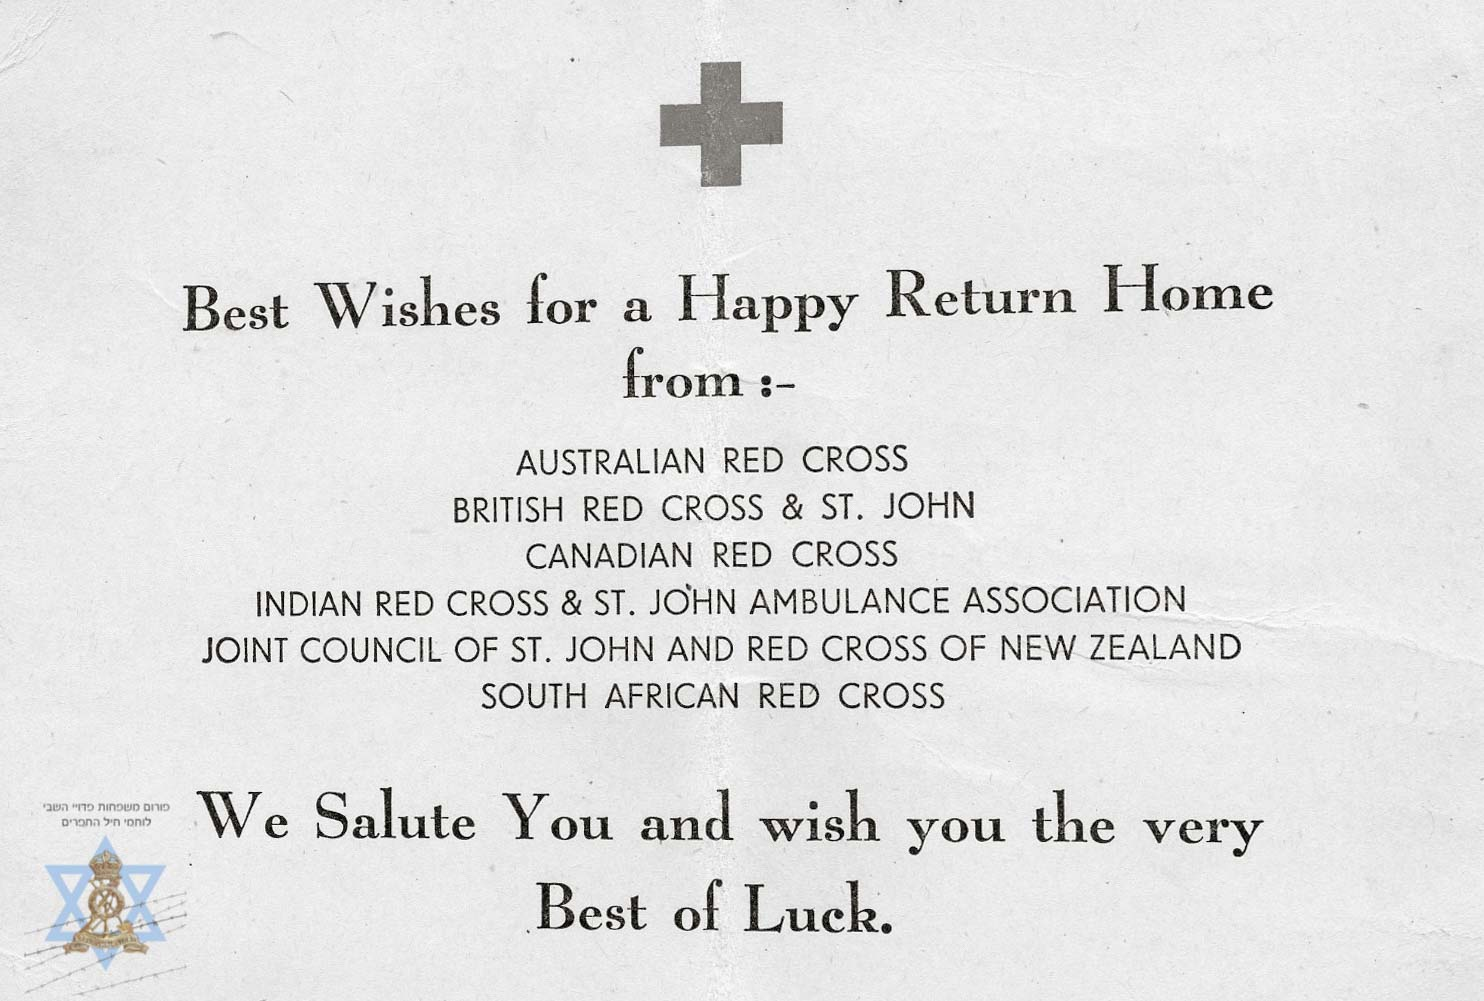 מכתב ברוך הבא מהצלב האדום